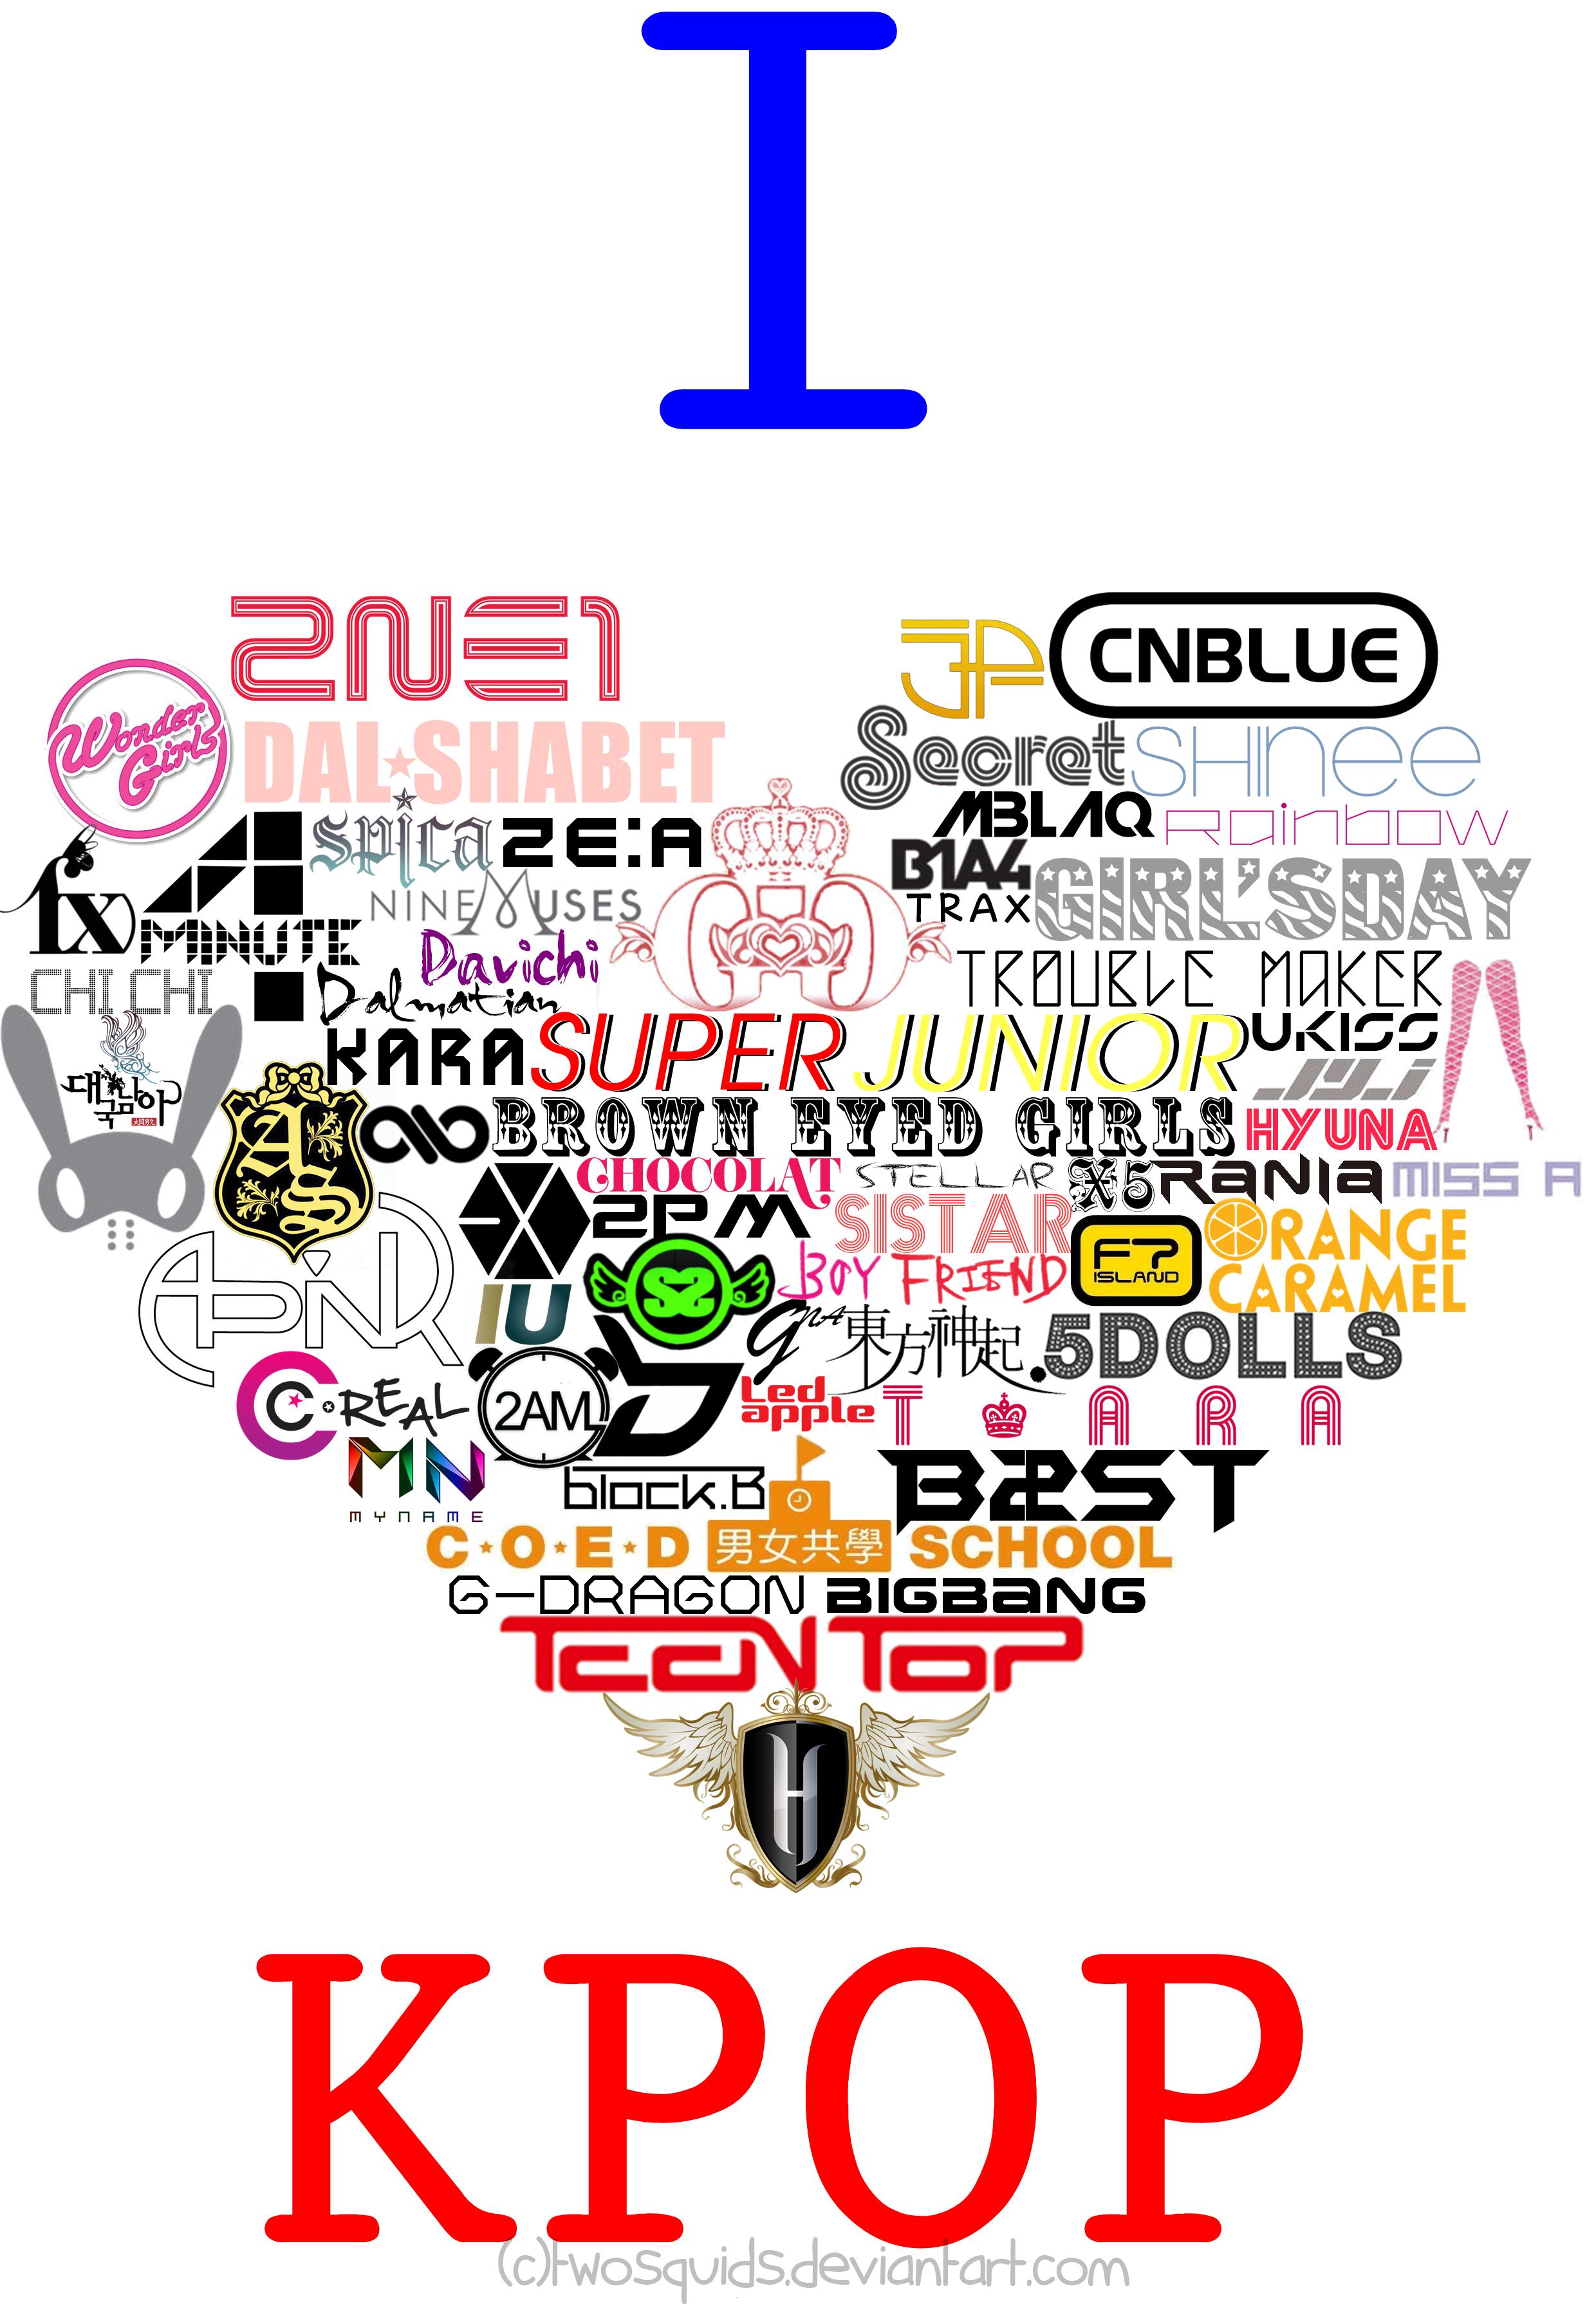 nazvaniya-k-pop-grupp